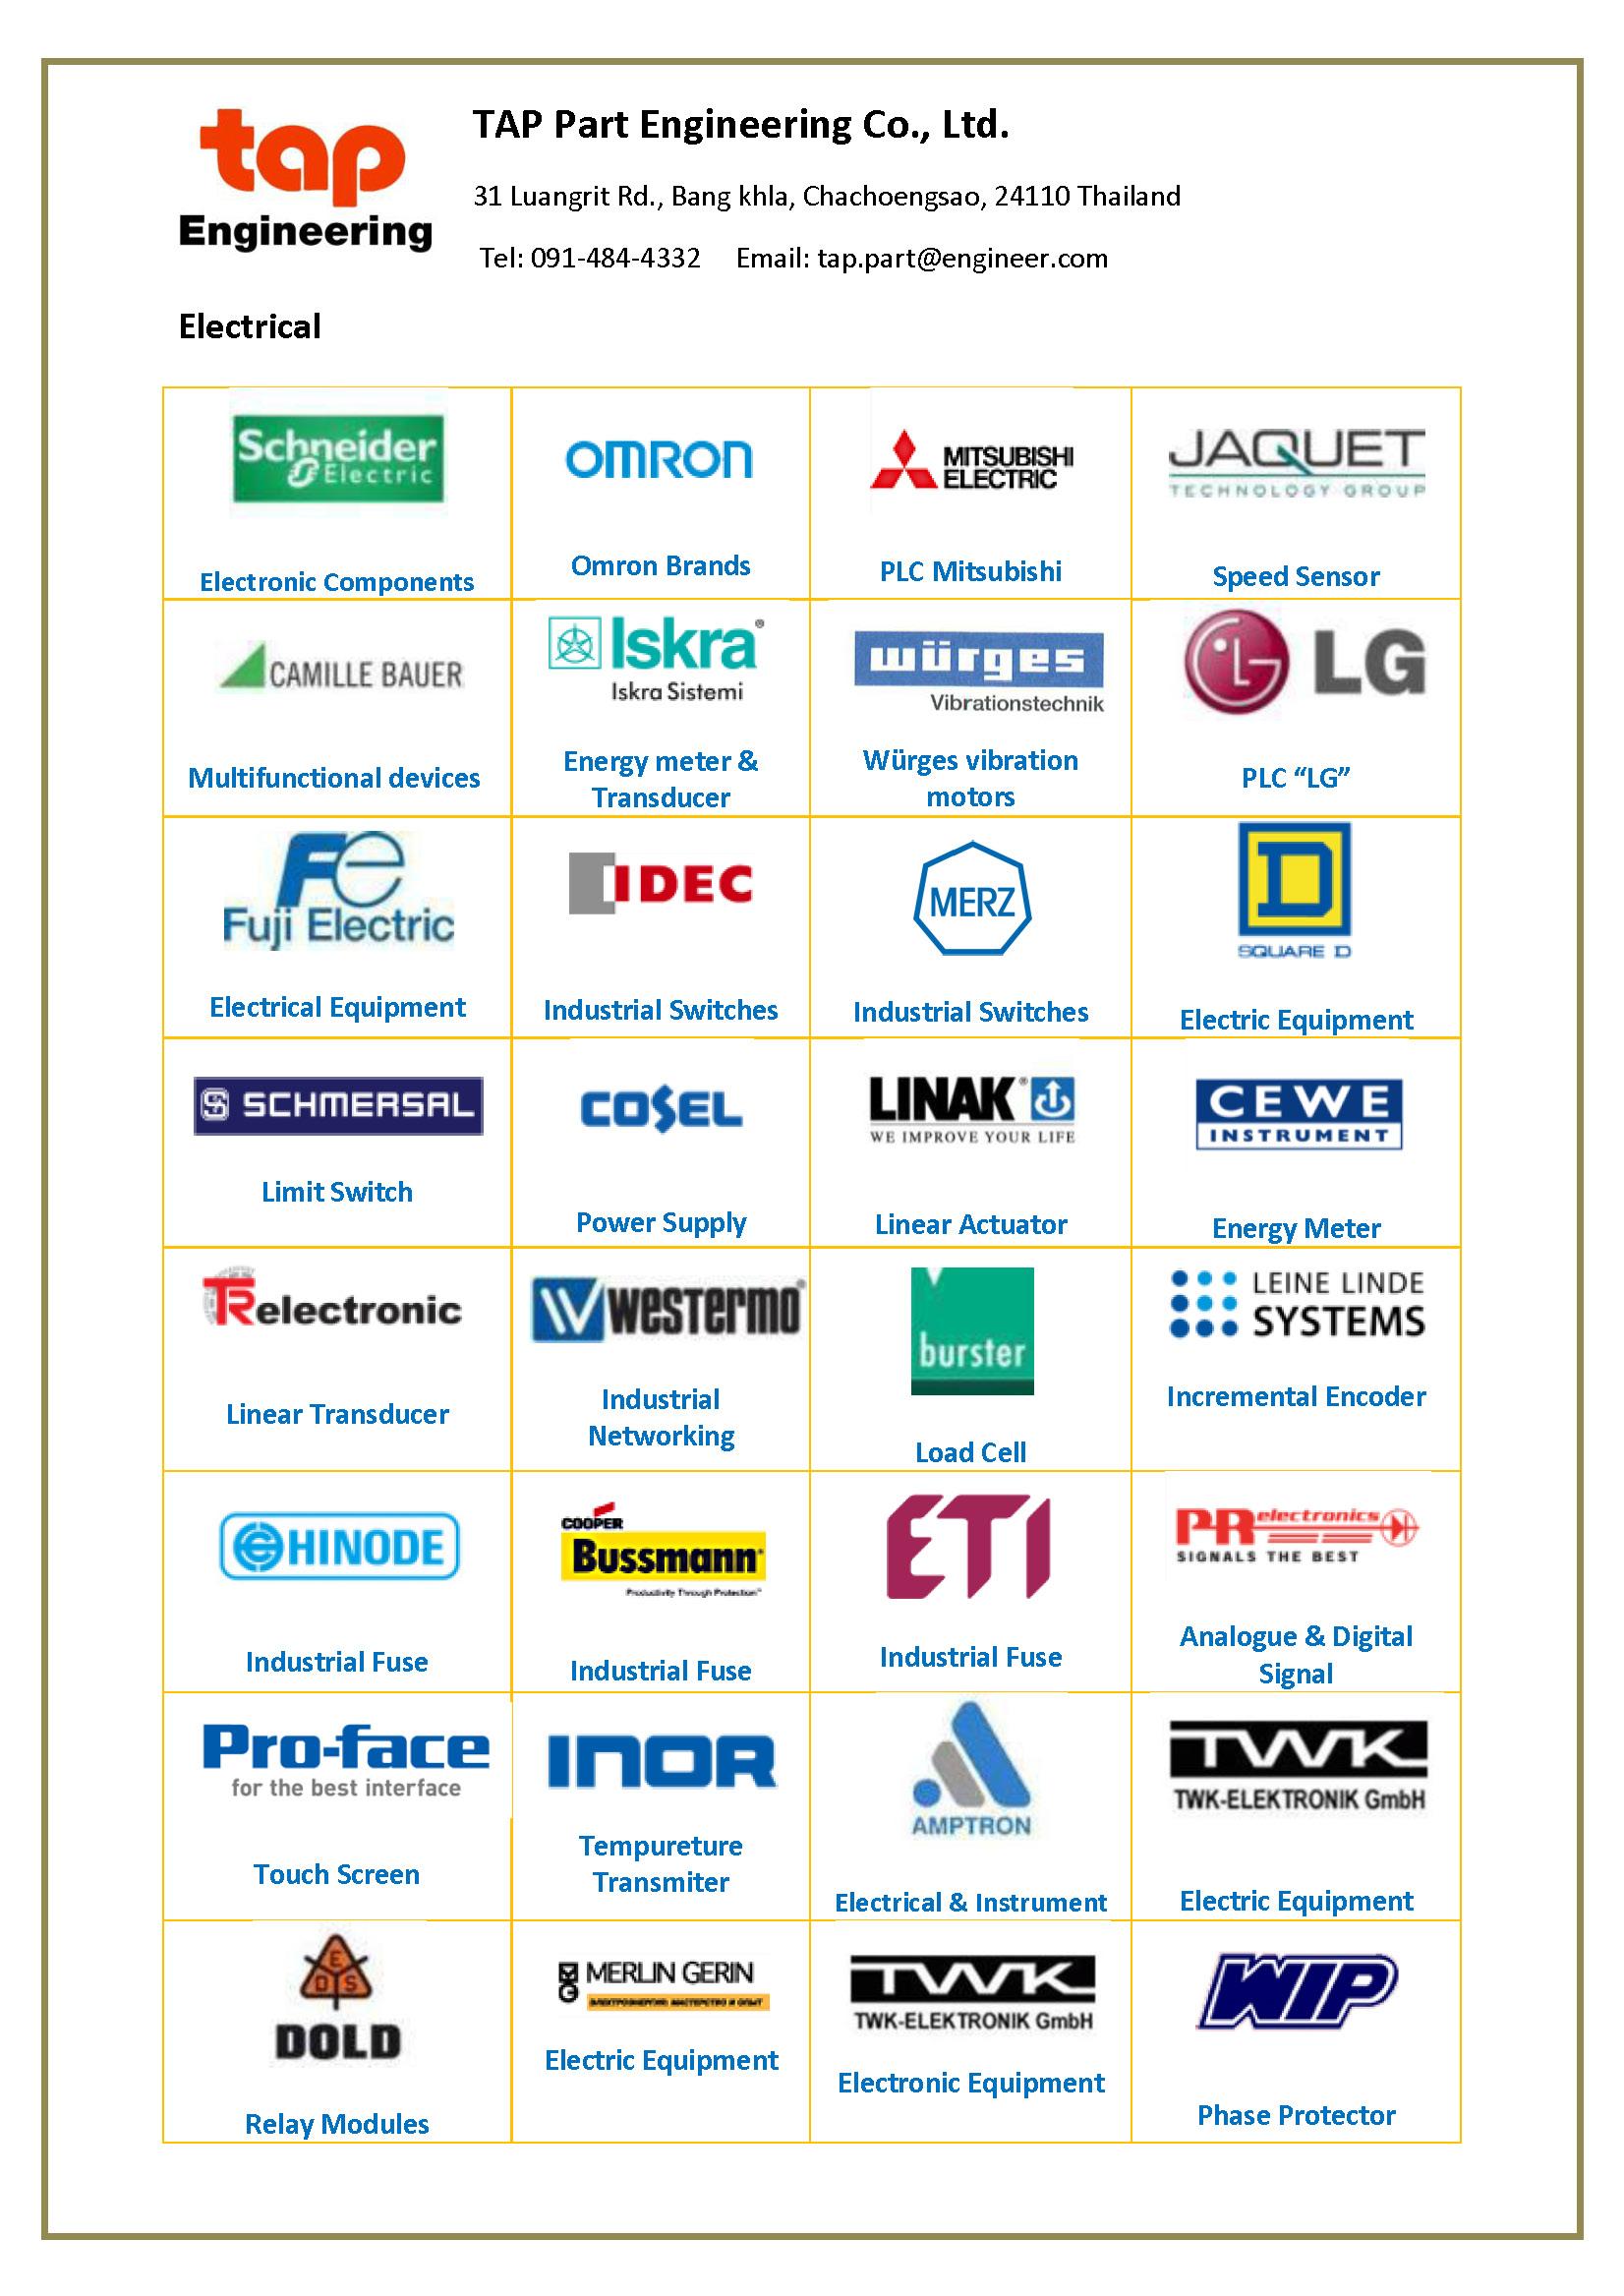 TAP Part Engineering Co , Ltd  นำเข้าสินค้าจากผู้ผลิตต่าง